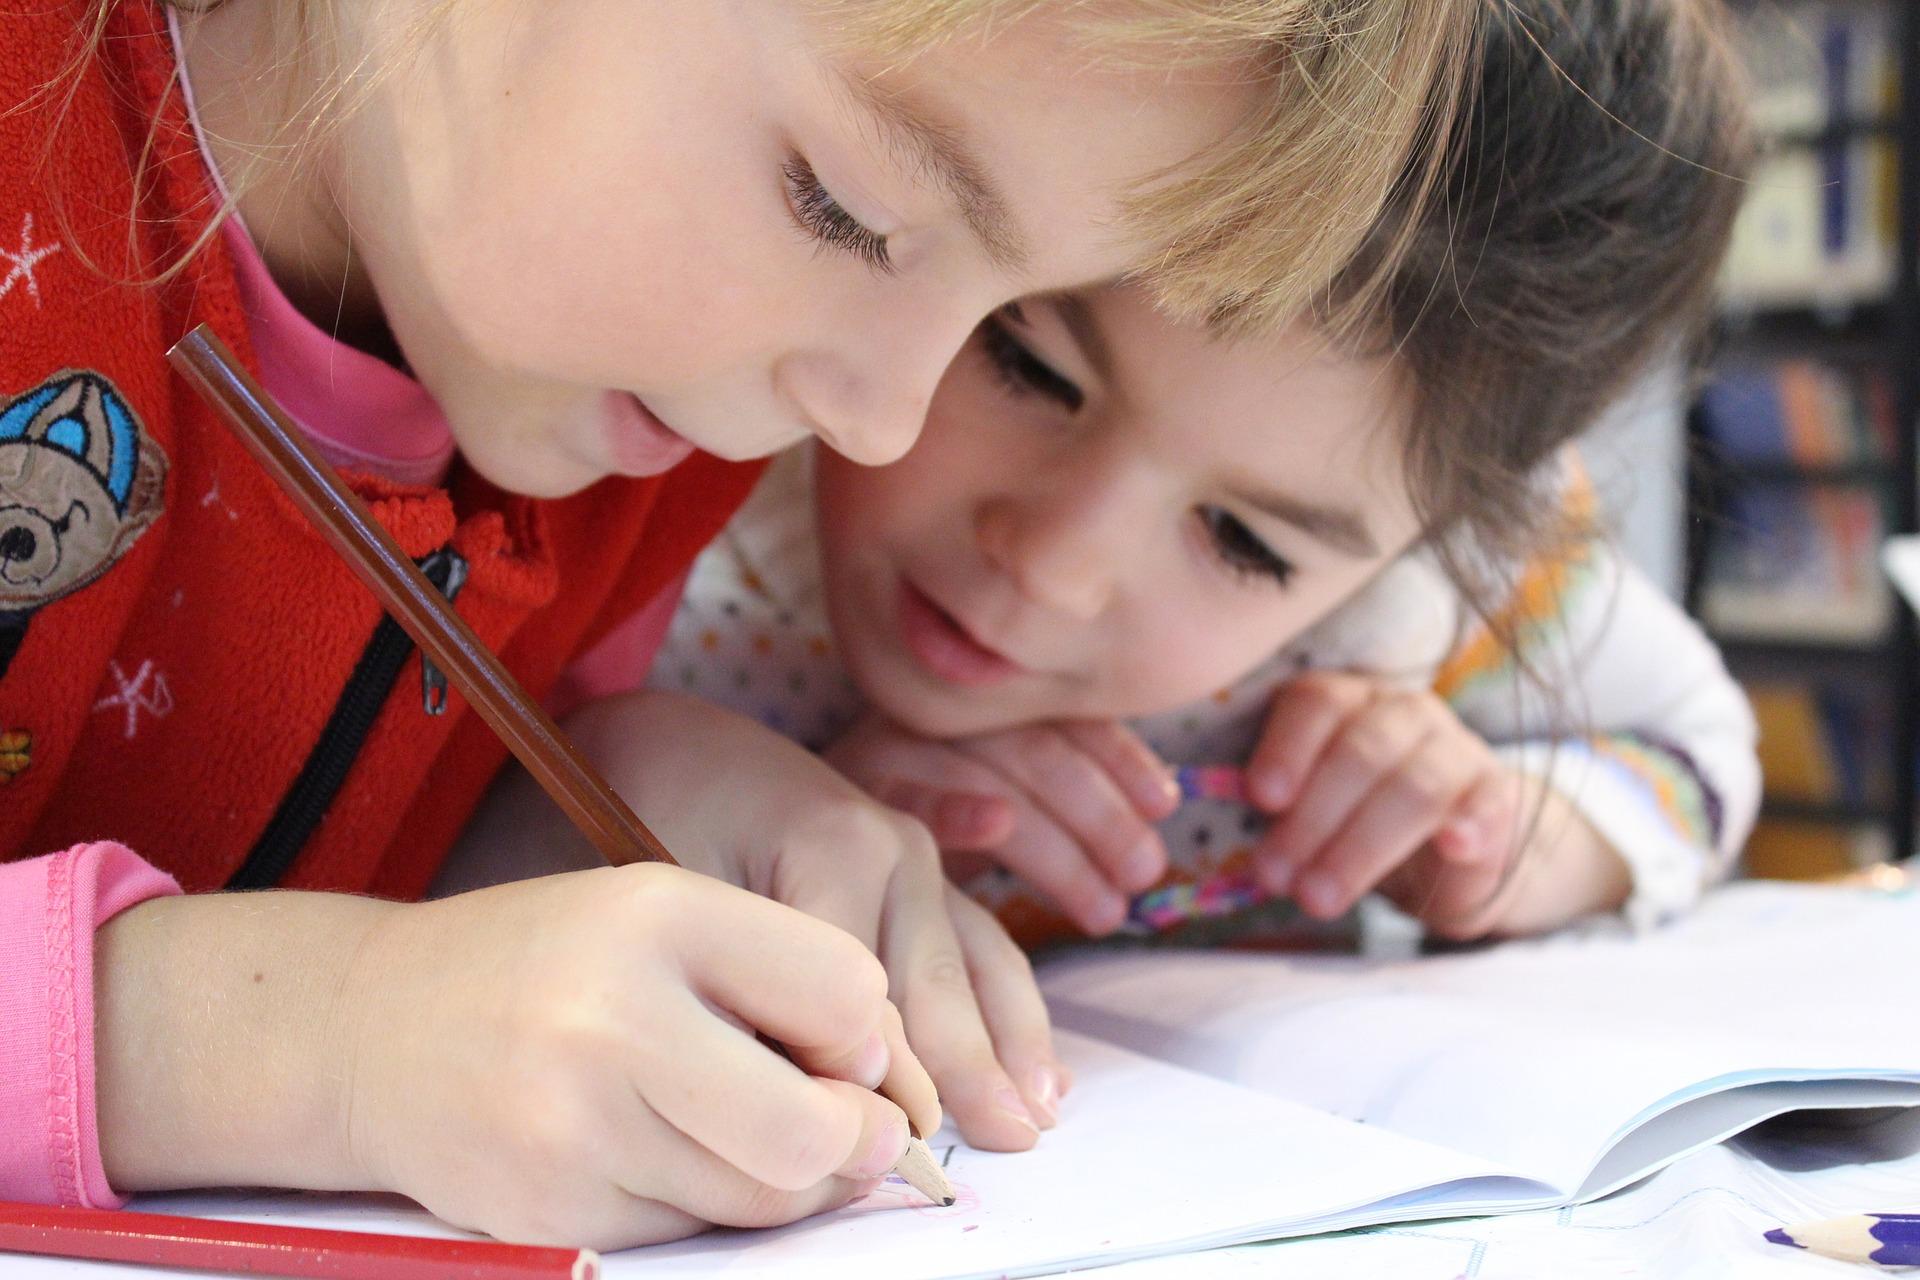 zwei Kinder schreiben in ein Heft und lösen eine Aufgabe - Kurse für Hochbegabte